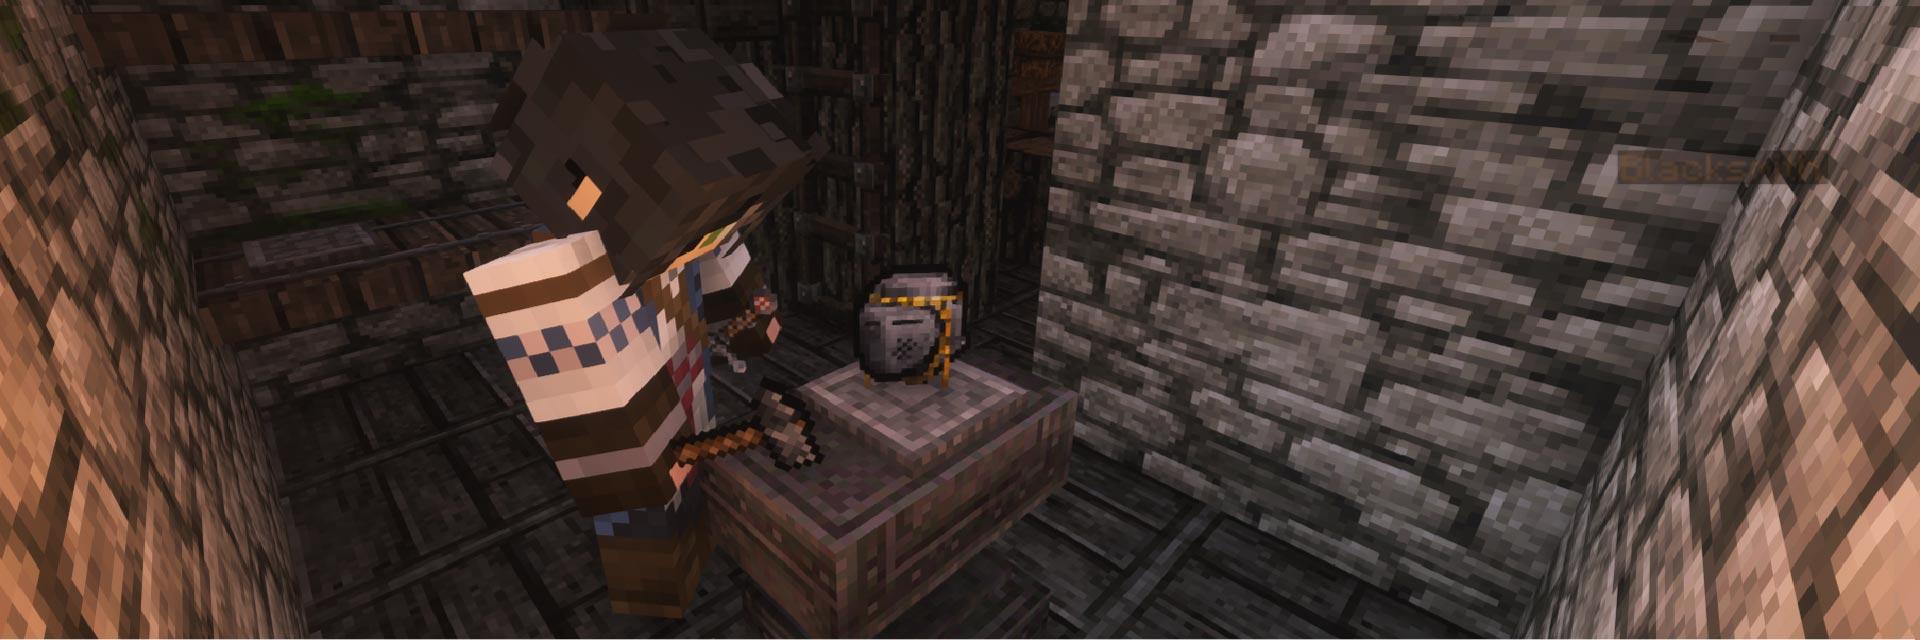 Envision Studios, Hegemony, Minecraft